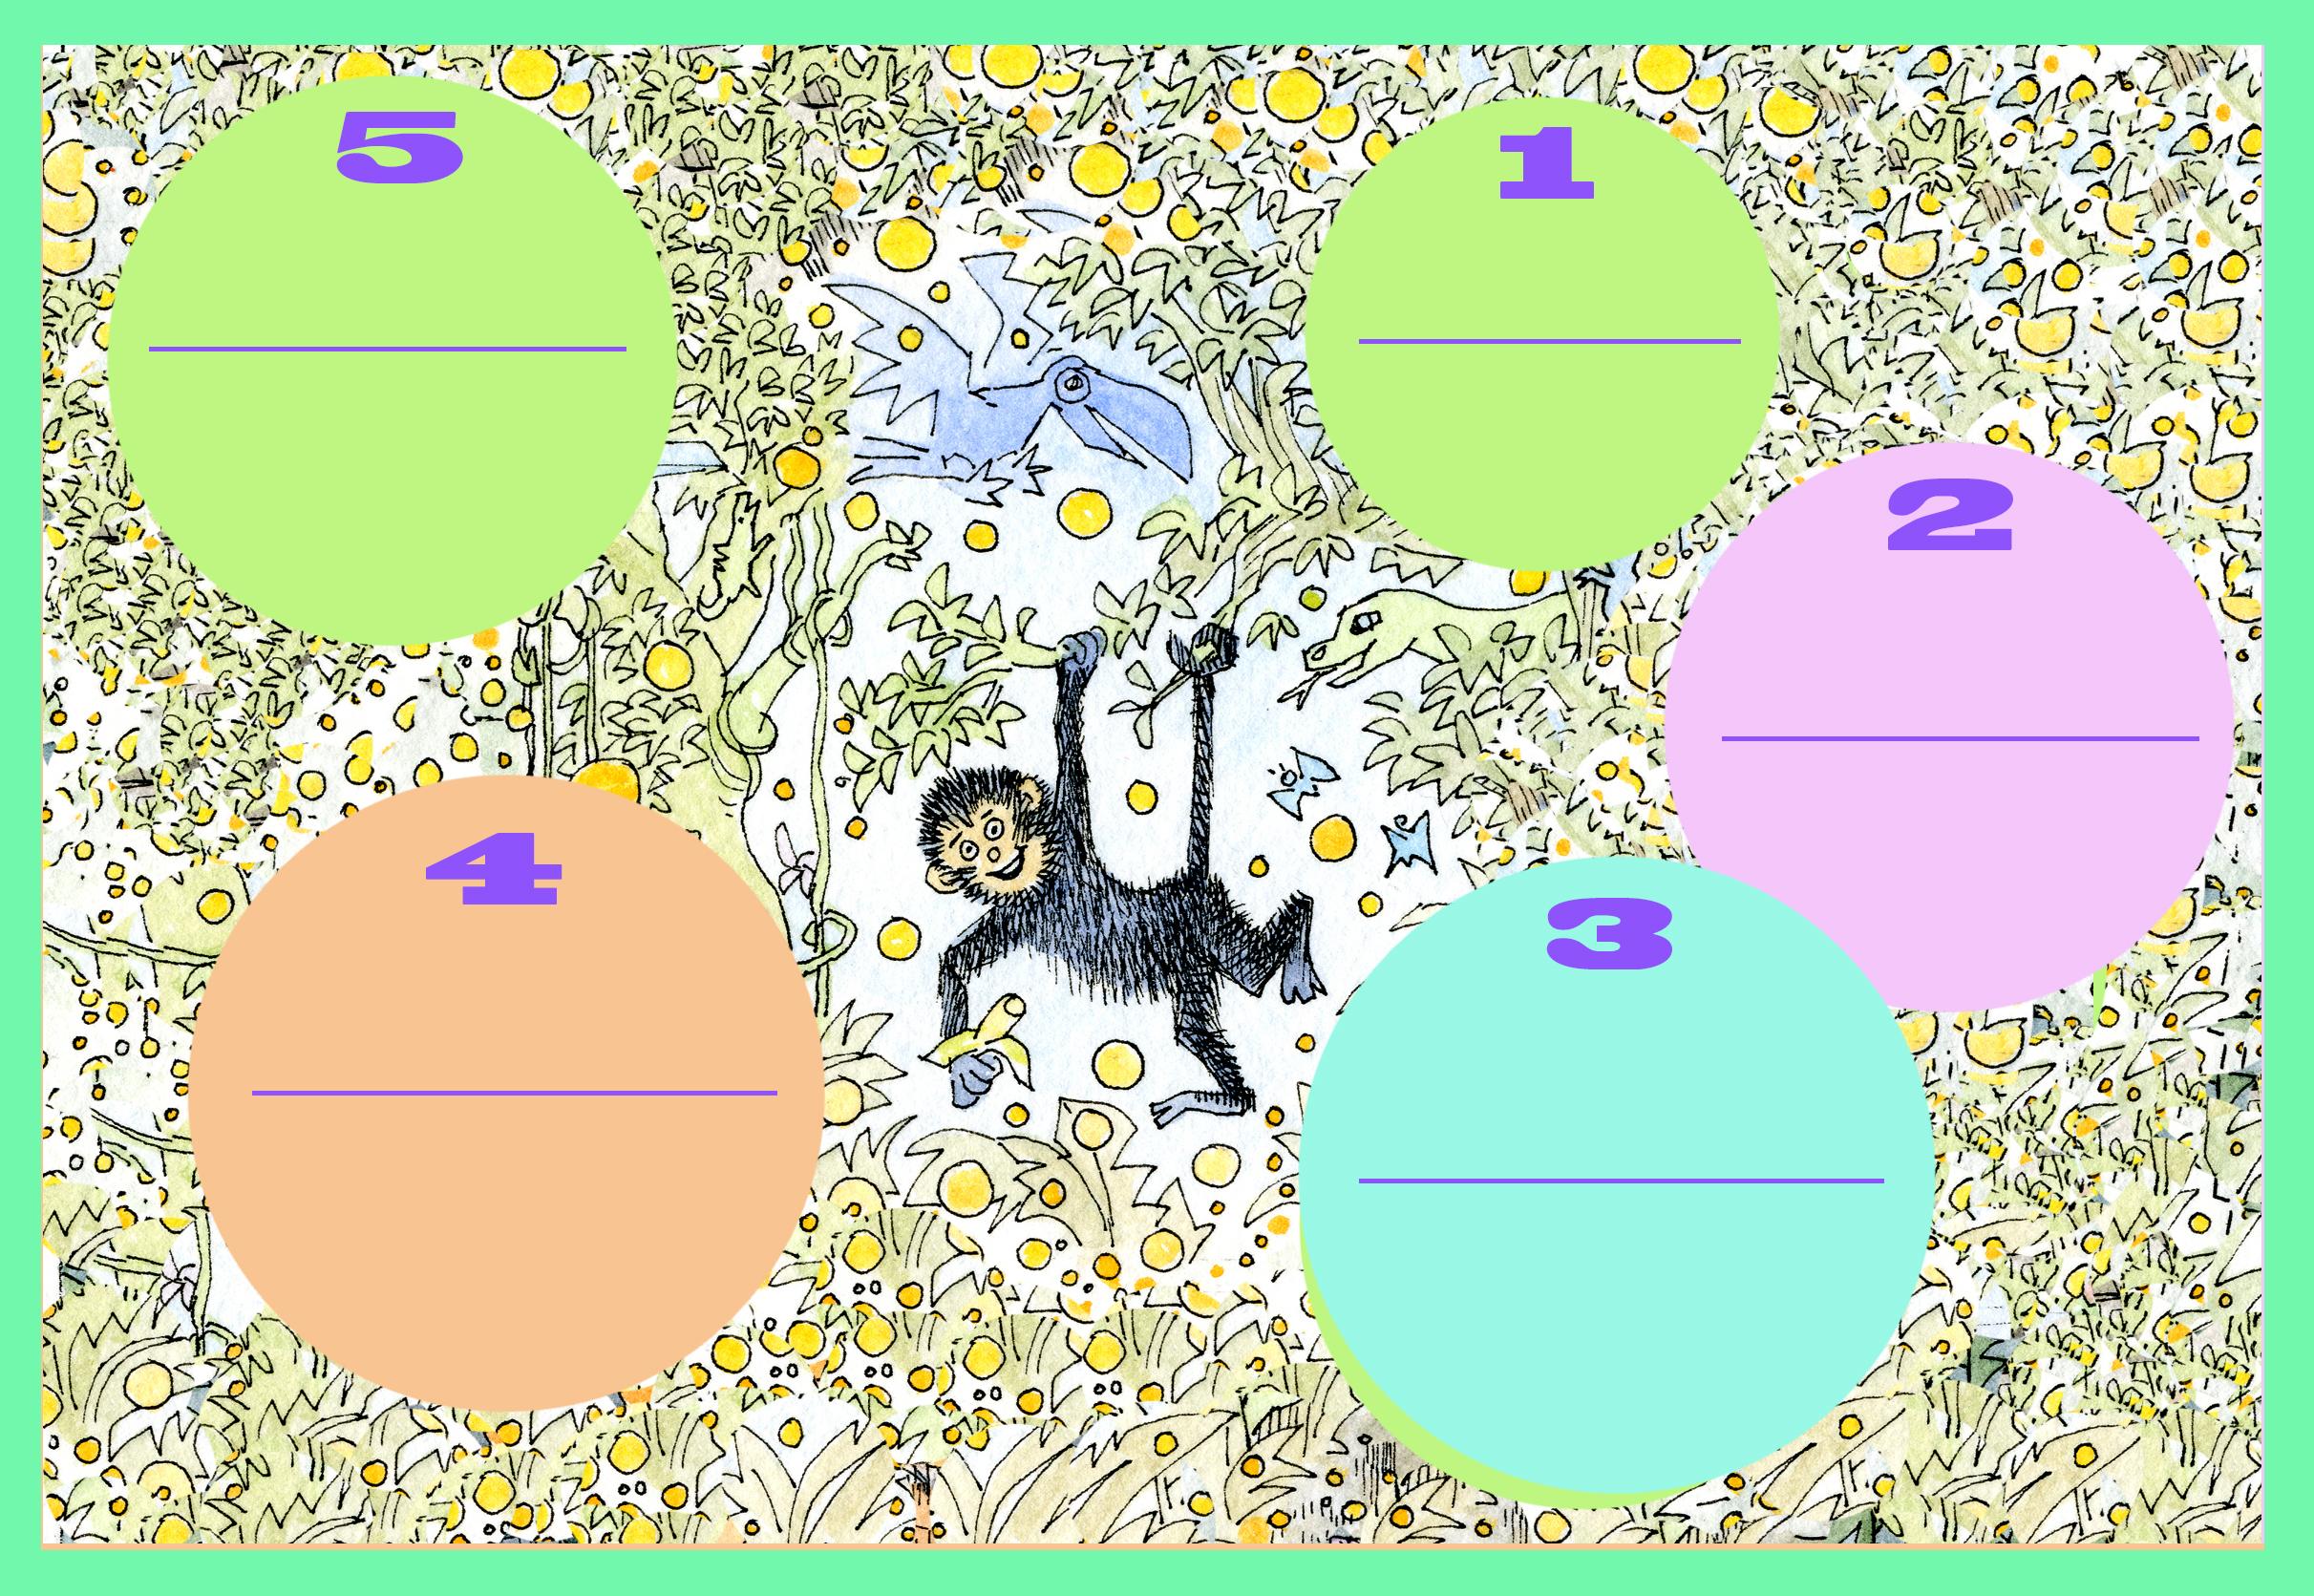 El monito araña te desafía, ilustración de María Cristina Brusca